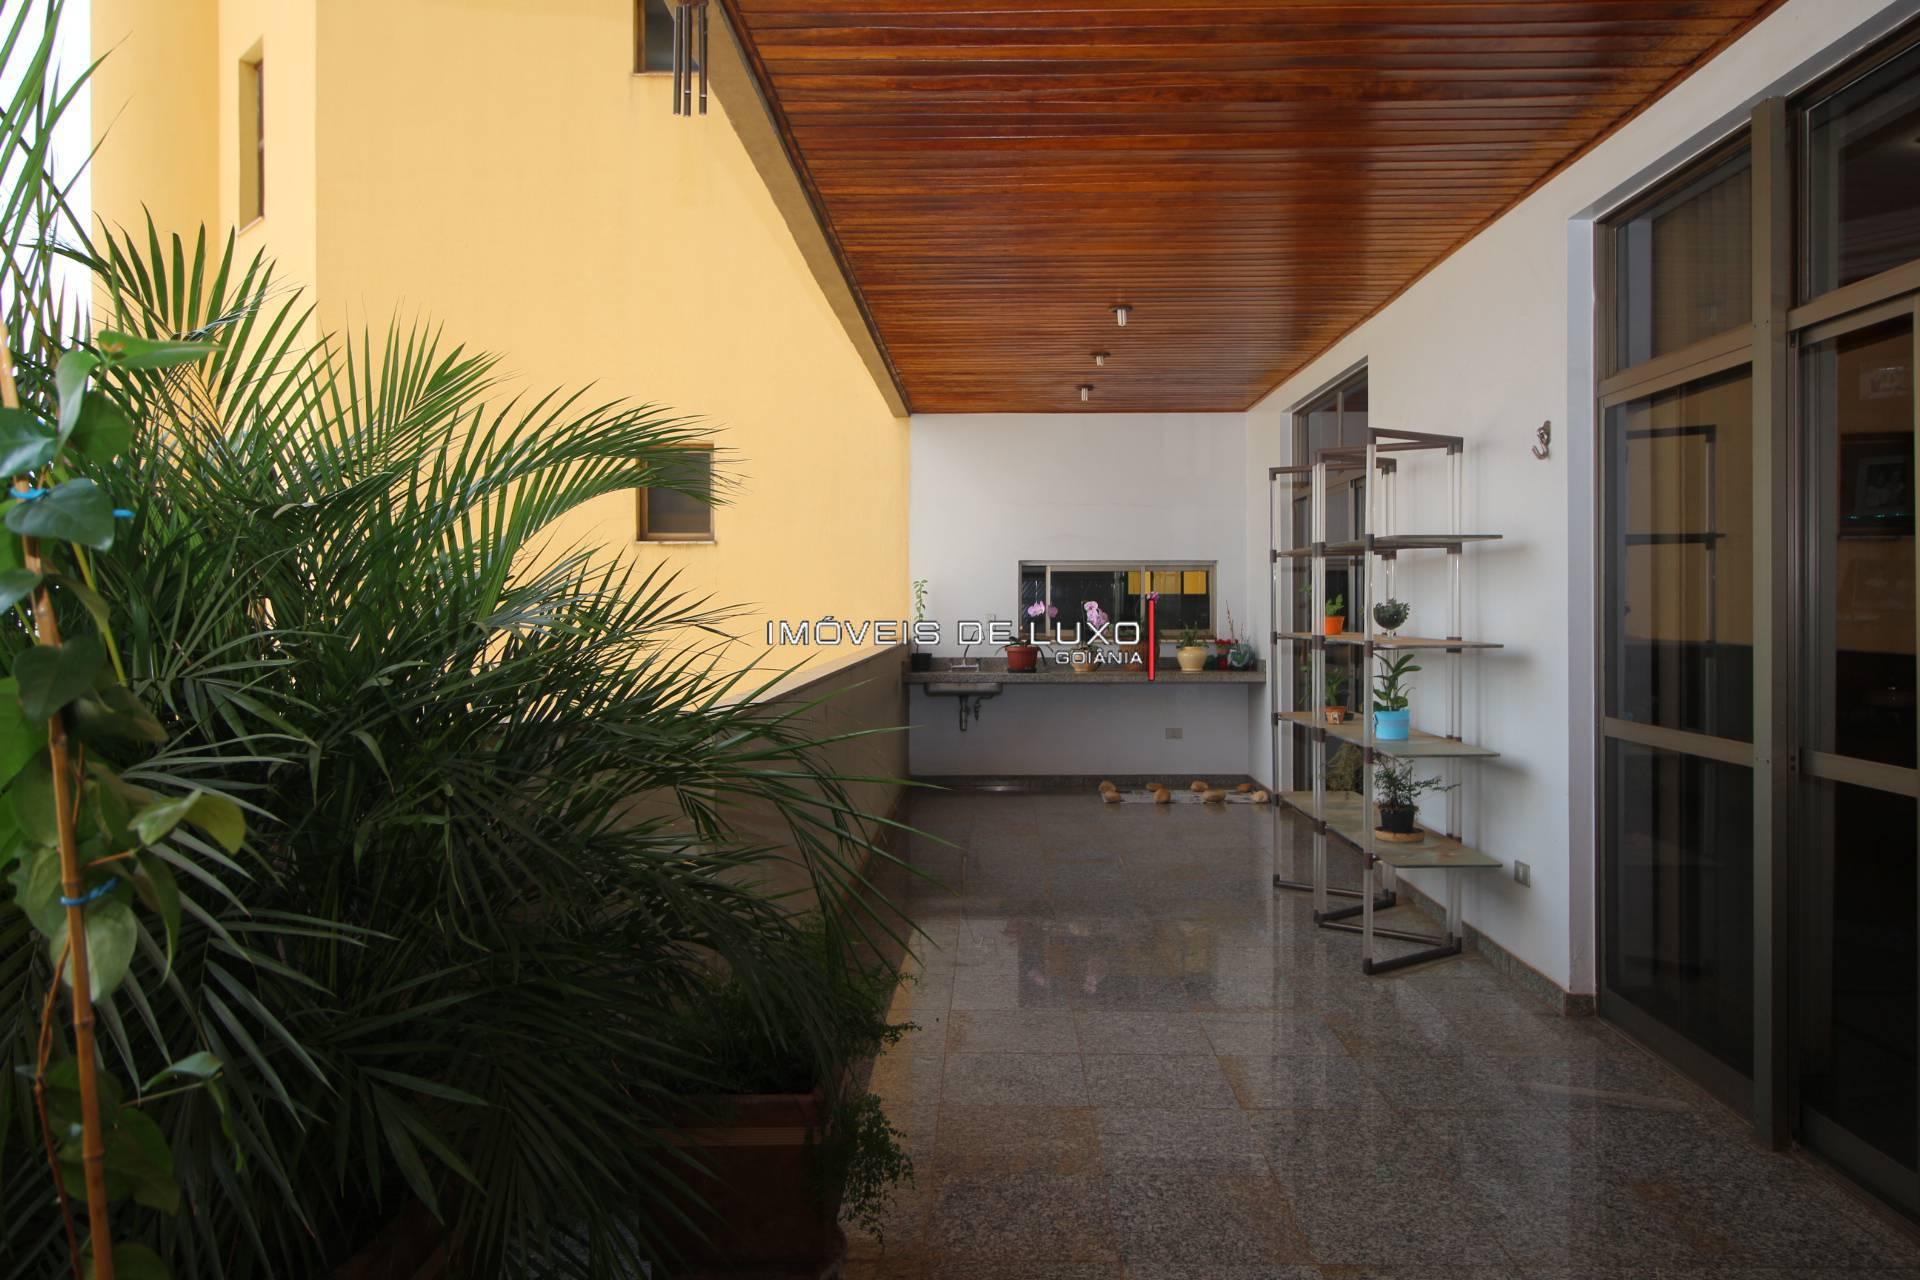 Imóveis de Luxo - Amplo Apartamento ao lado da praça da T 23